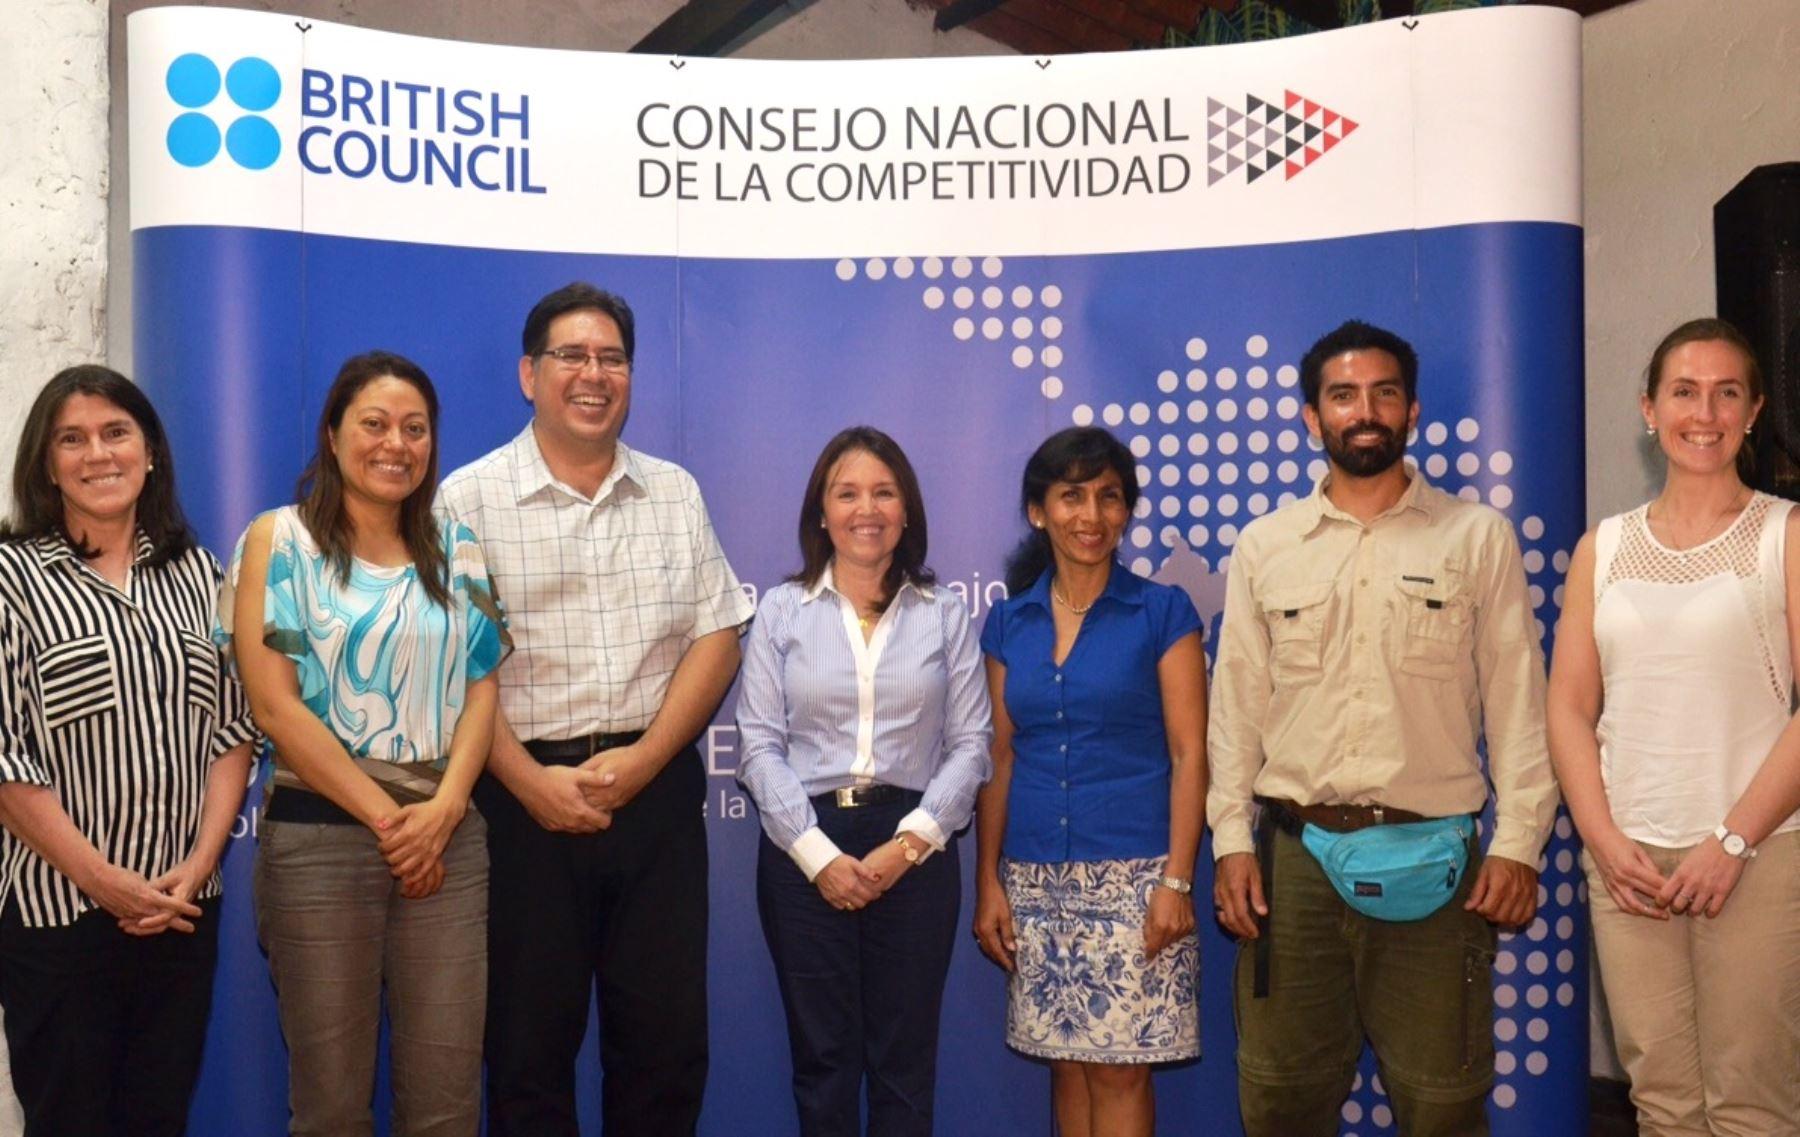 Representantes del Consejo Británico y el Consejo Nacional de la Competitividad resaltaron importancia de la enseñanza del inglés en región San Martín.